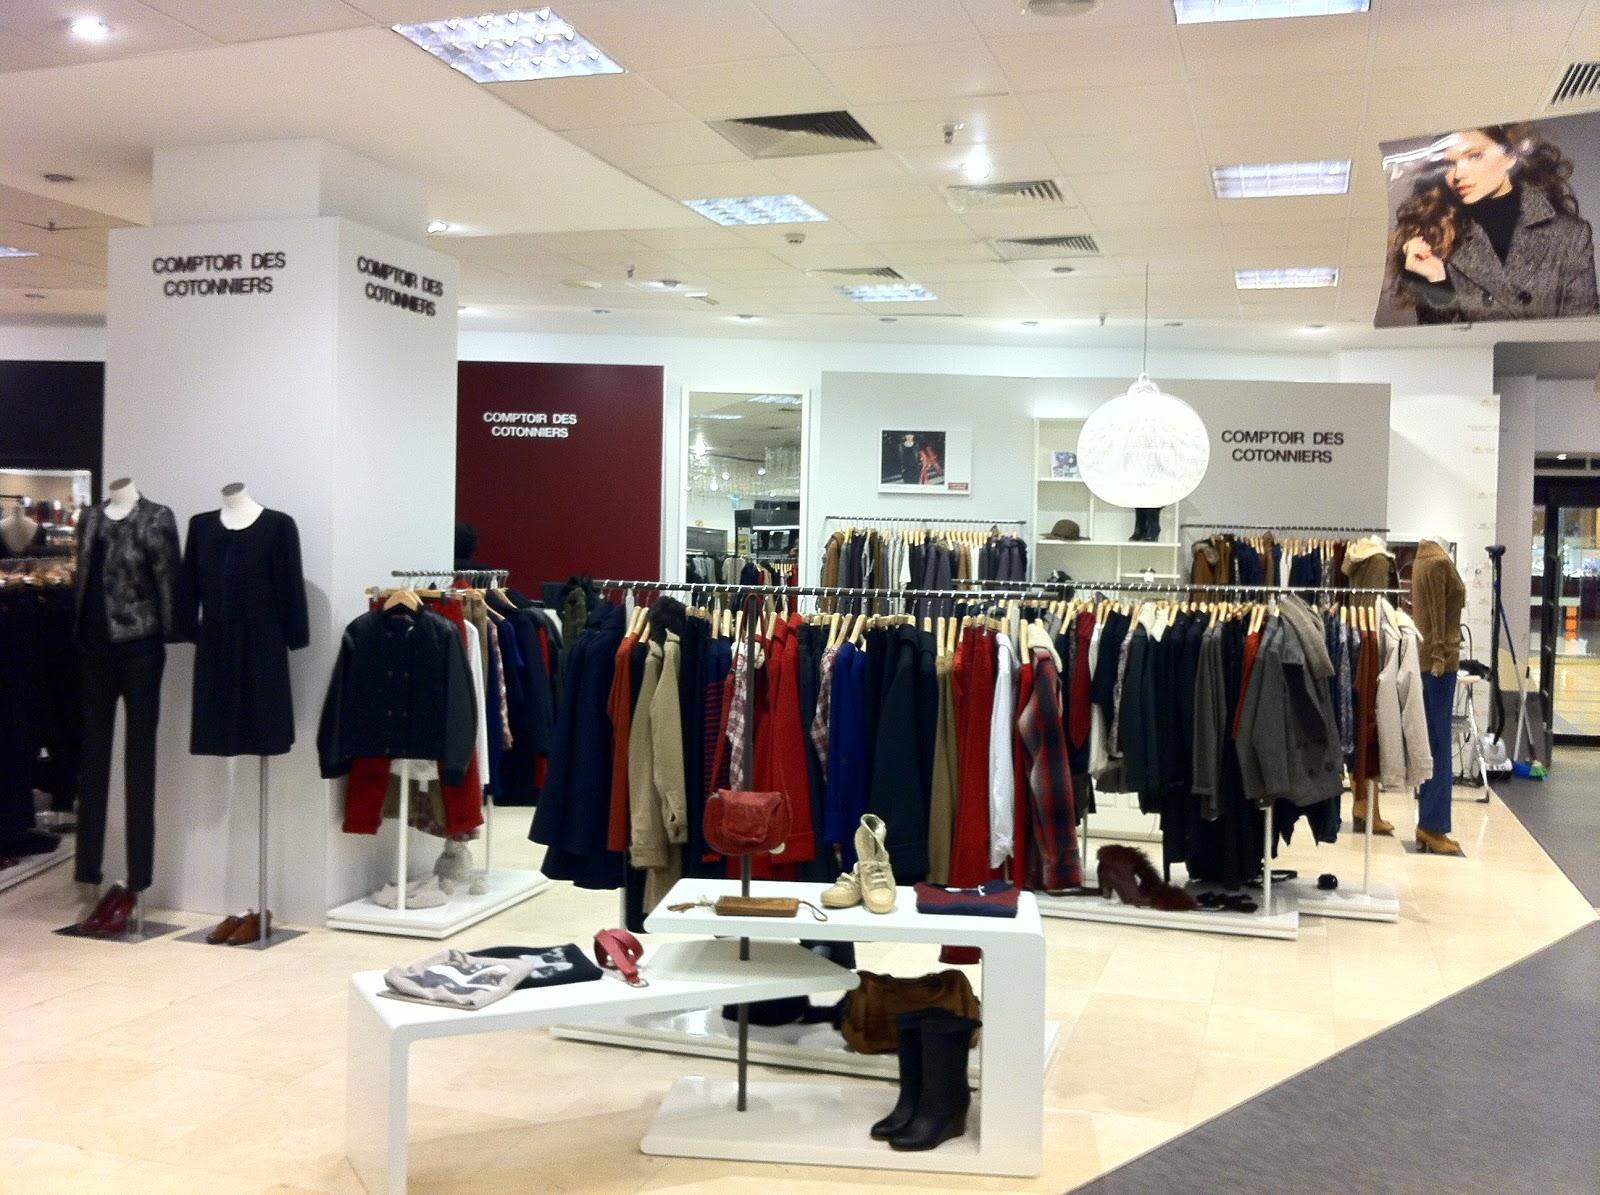 We love shops las nueva marcas de moda juntas en el centro comercial de la illa en barcelona - Boutiques comptoir des cotonniers ...